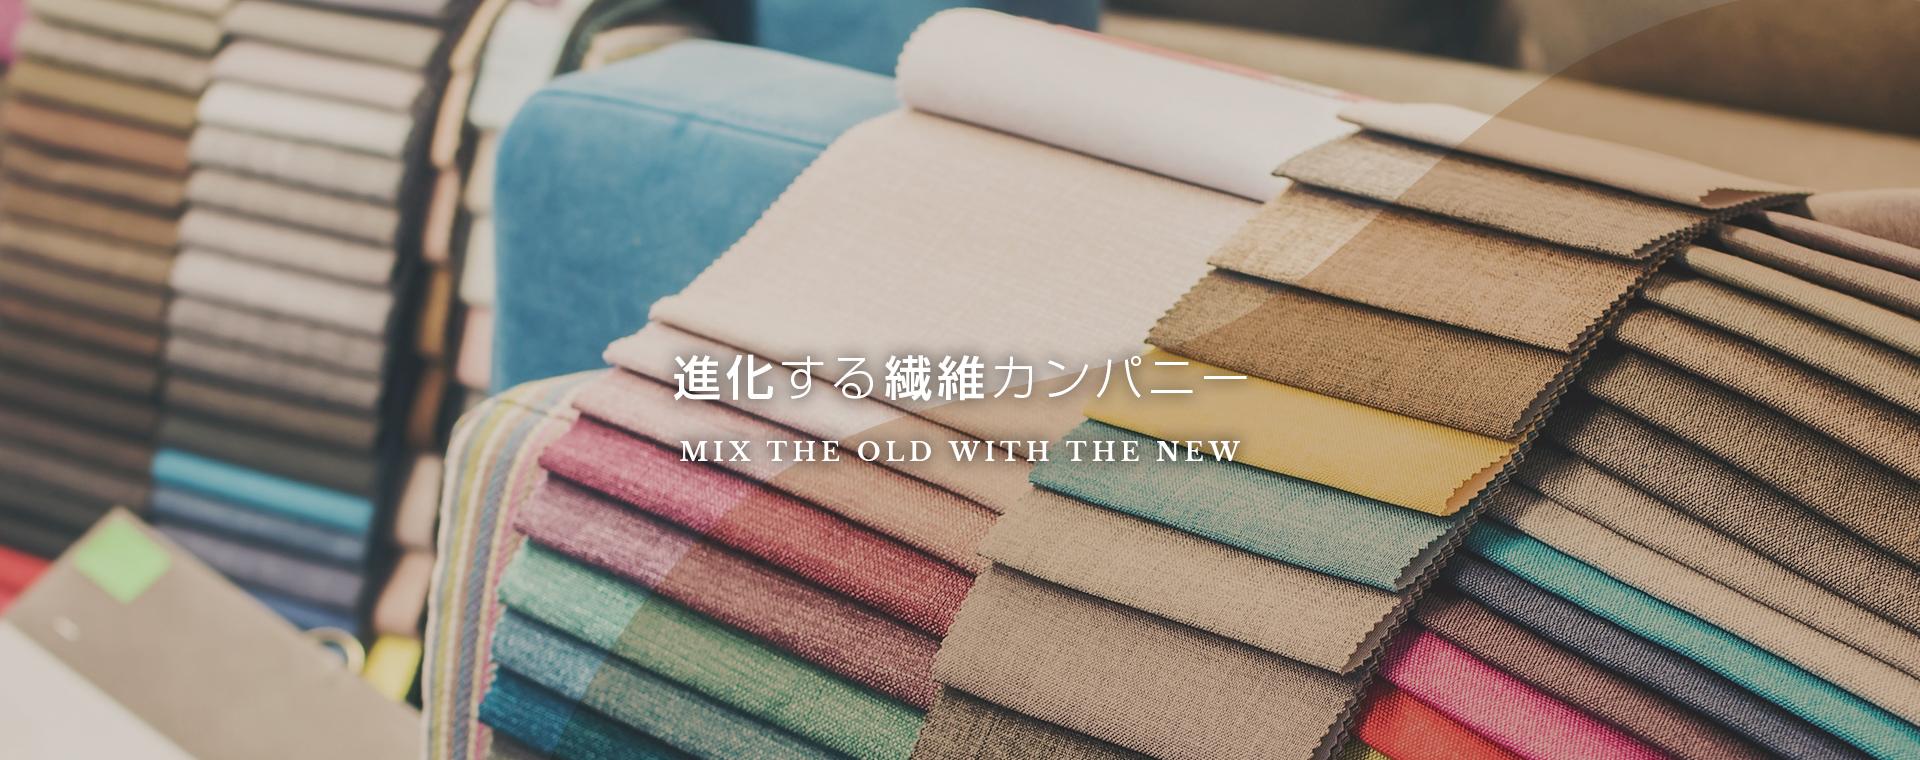 進化する繊維カンパニー  MIX THE OLD WITH THE NEW